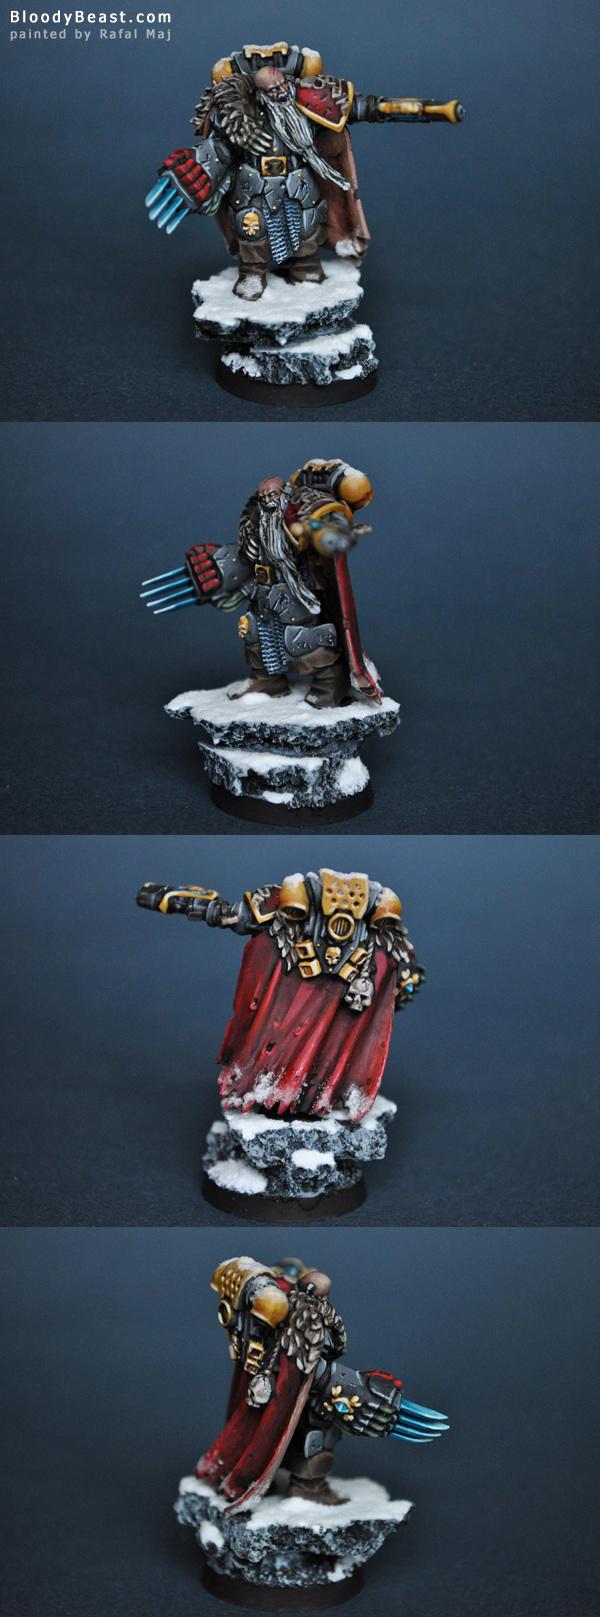 Space Wolf Rune Priest painted by Rafal Maj (BloodyBeast.com)